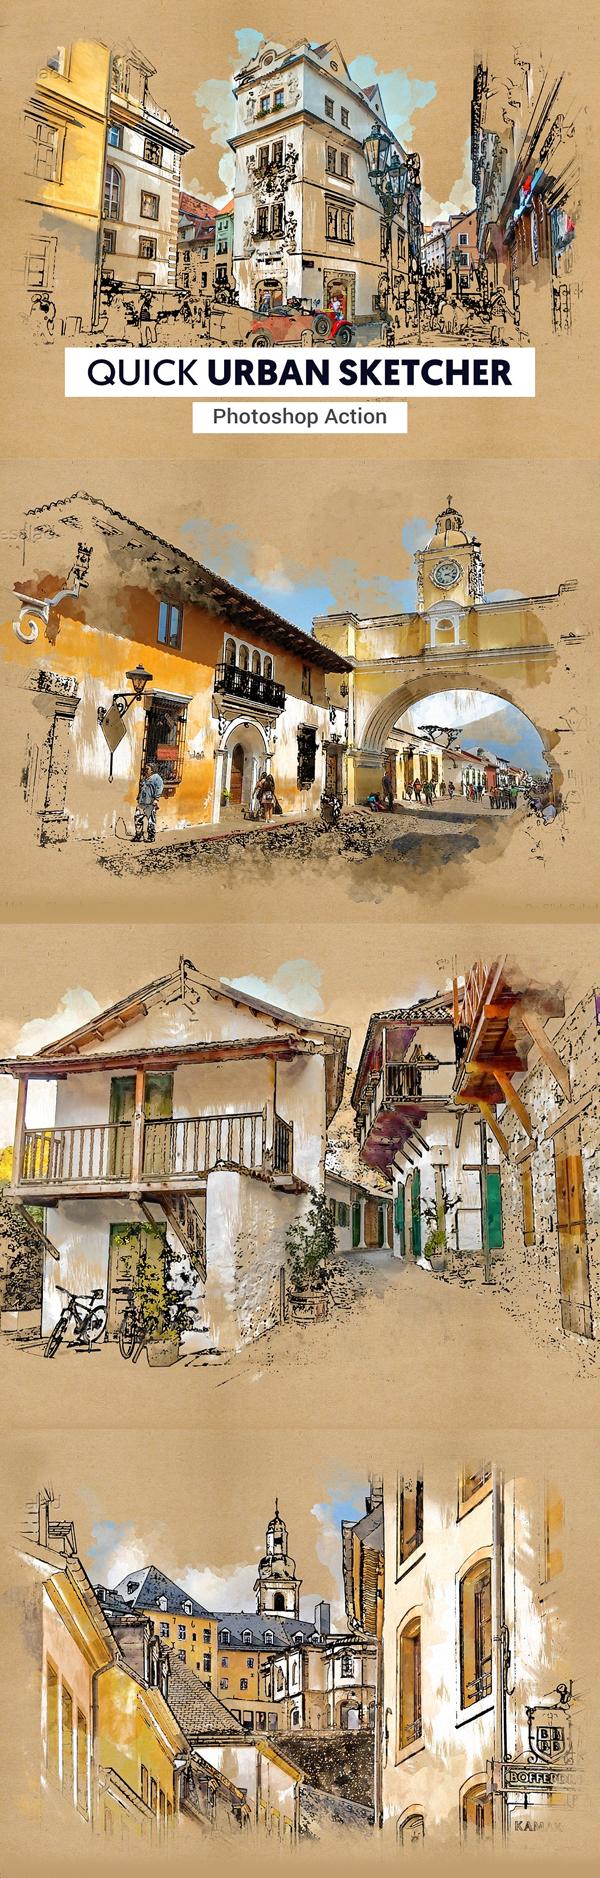 Urban Sketcher Photoshop Action